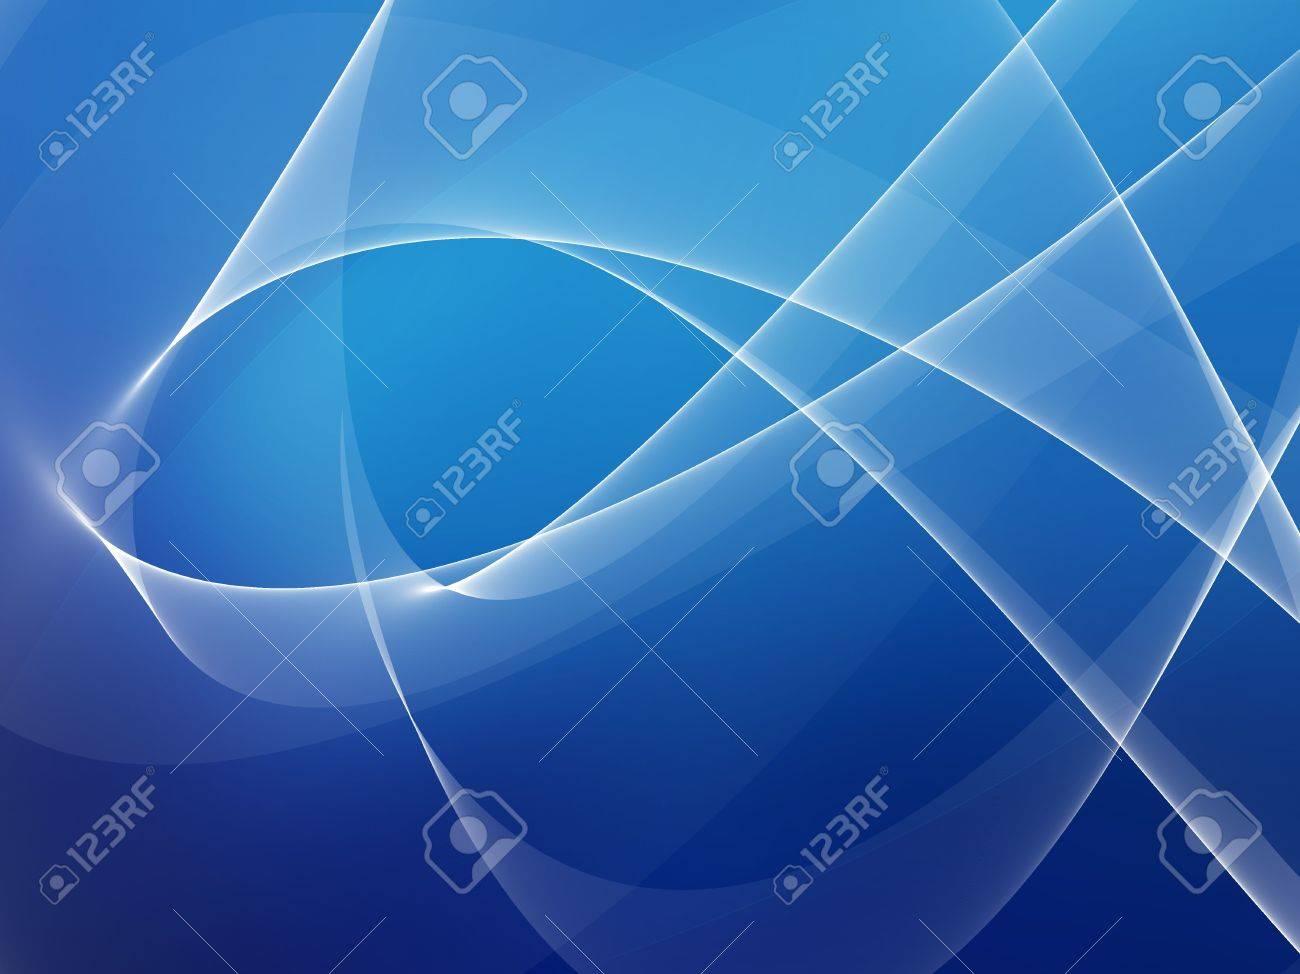 抽象的な背景アート壁紙グラフィック の写真素材 画像素材 Image 7517